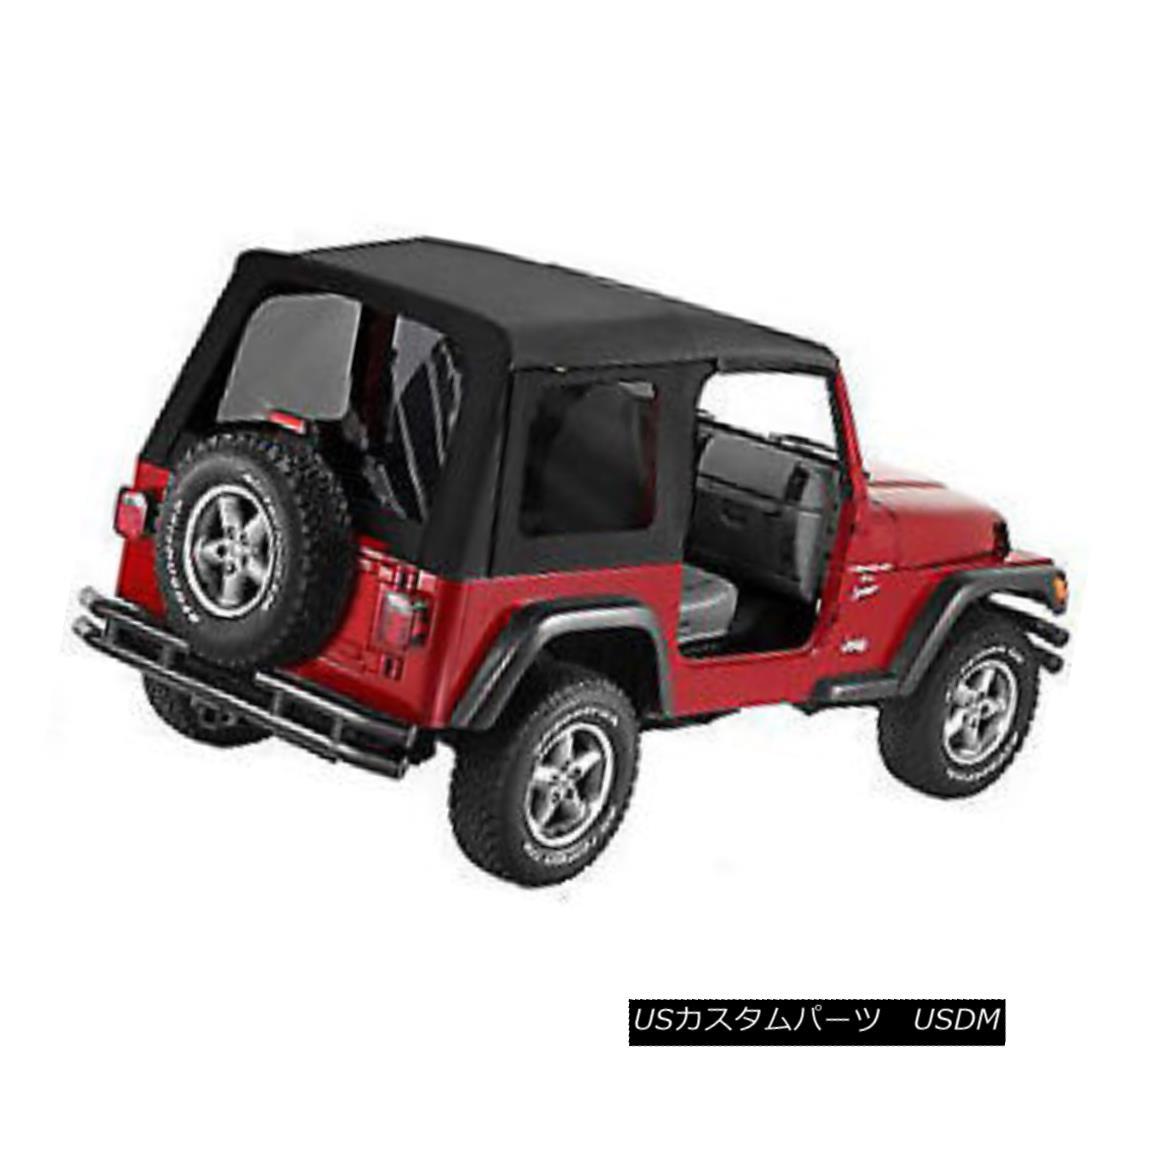 幌・ソフトトップ Bestop Supertop Replacement Skin 97-06 Jeep Wrangler TJ Tinted Black Denim Bestop Supertop Replacement Skin 97-06ジープラングラーTJティンテッドブラックデニム